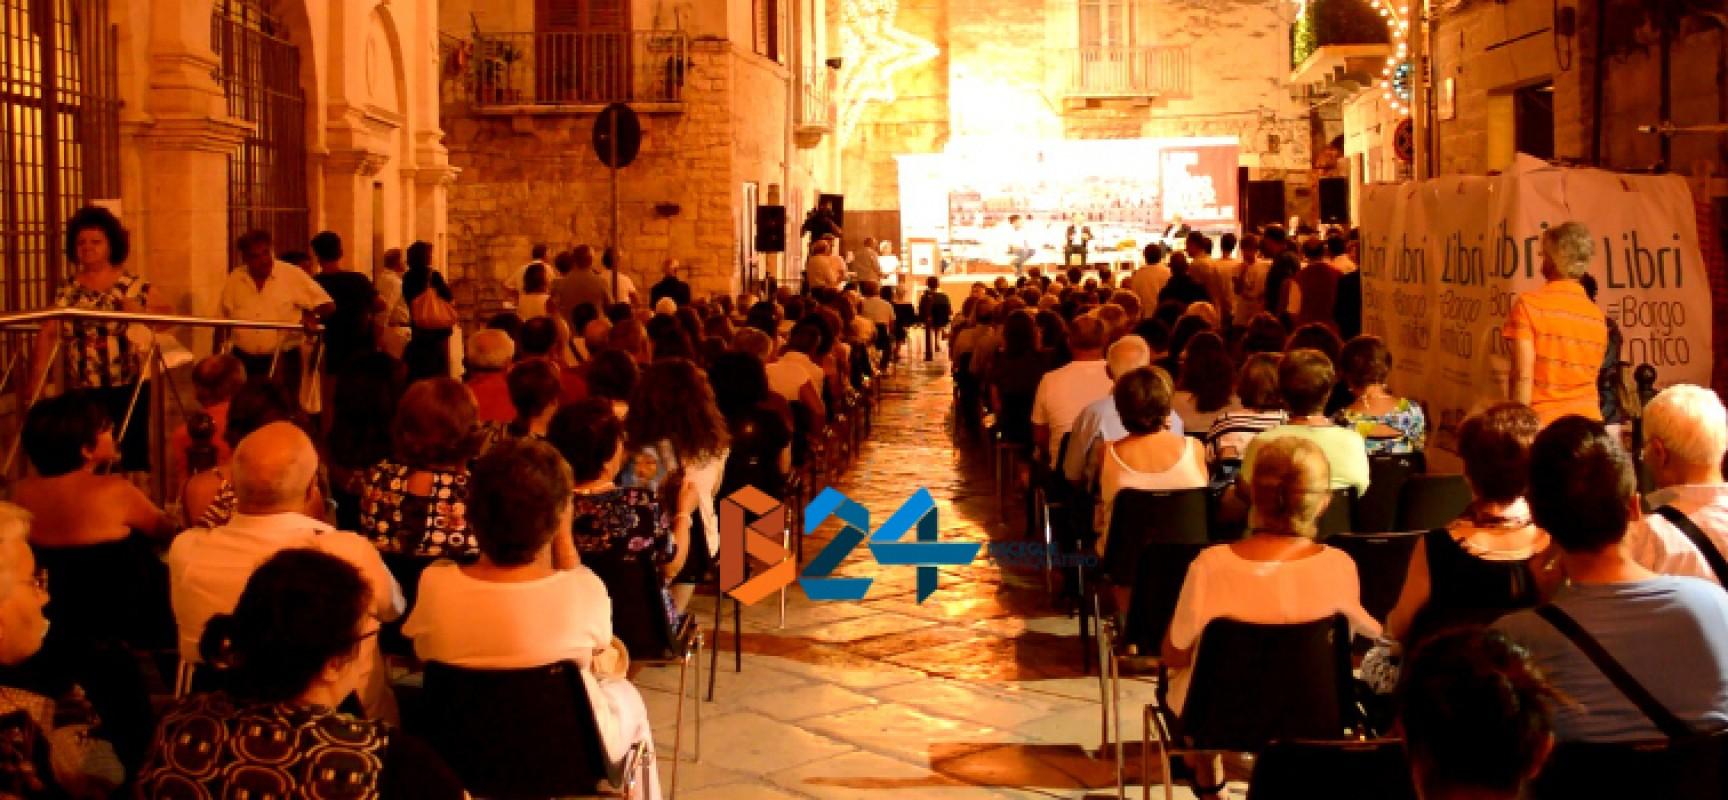 """""""I live-like-love #LBA2017"""", arriva il concorso fotografico di Libri nel Borgo Antico 2017"""